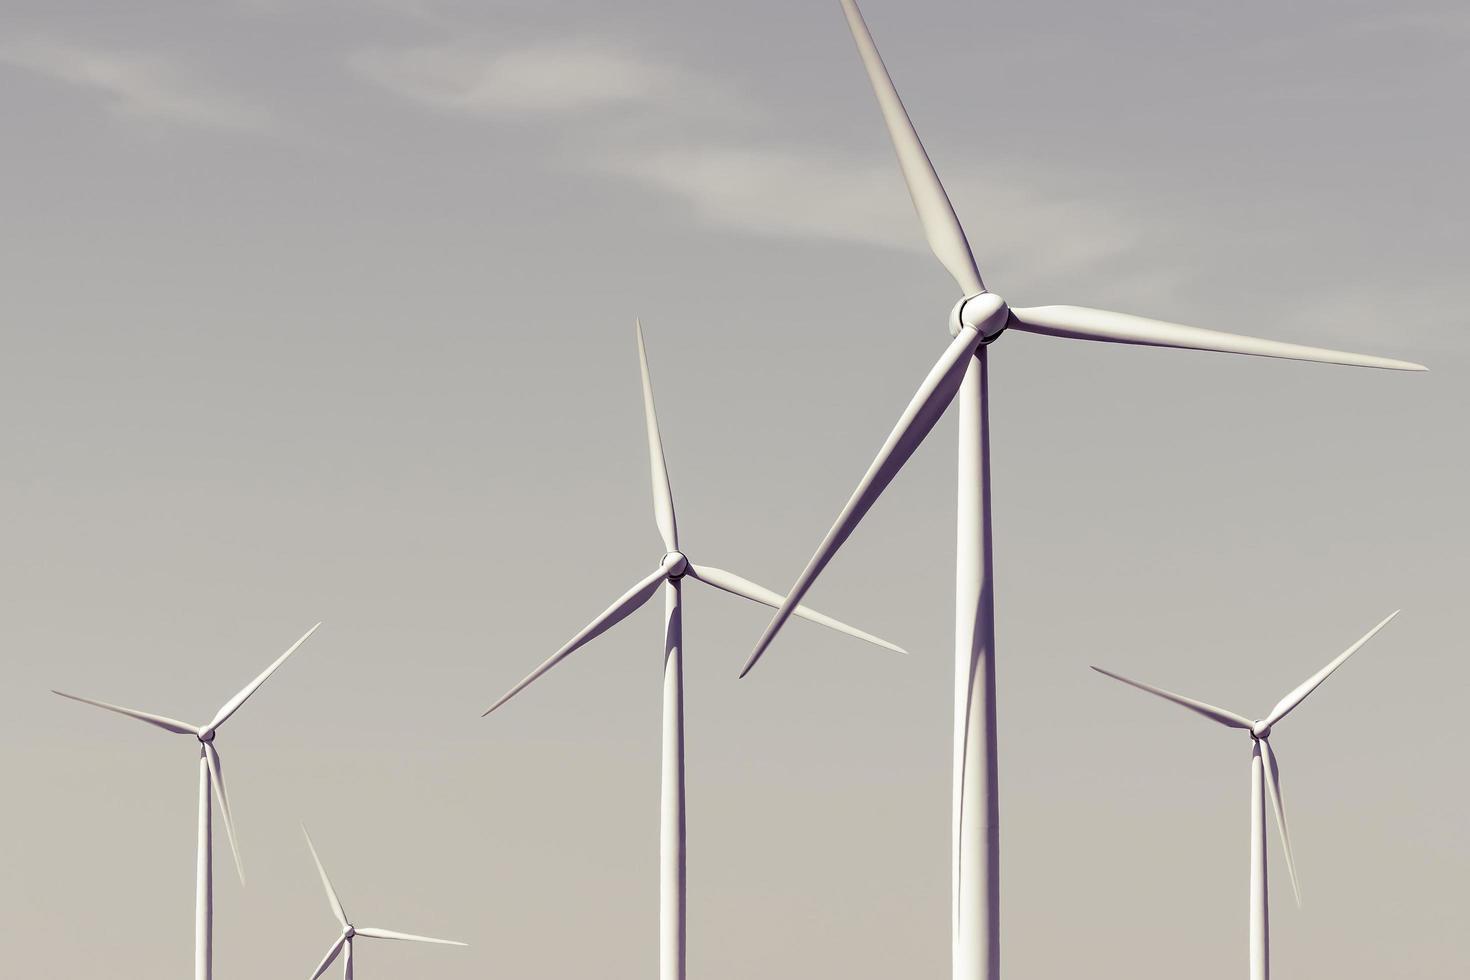 éoliennes contre le ciel photo